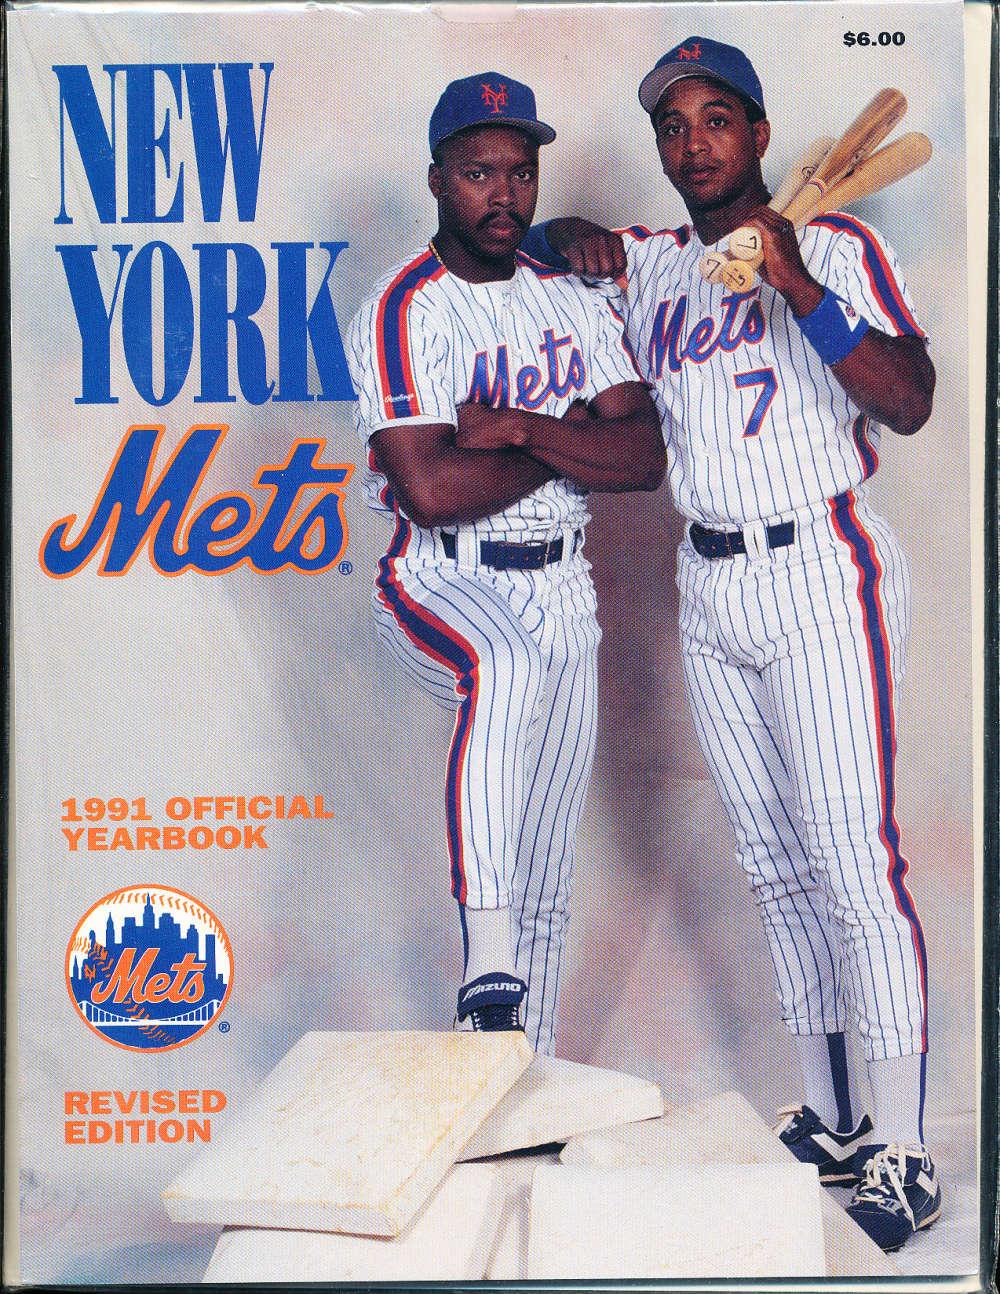 1991 New York Mets Yearbook revised